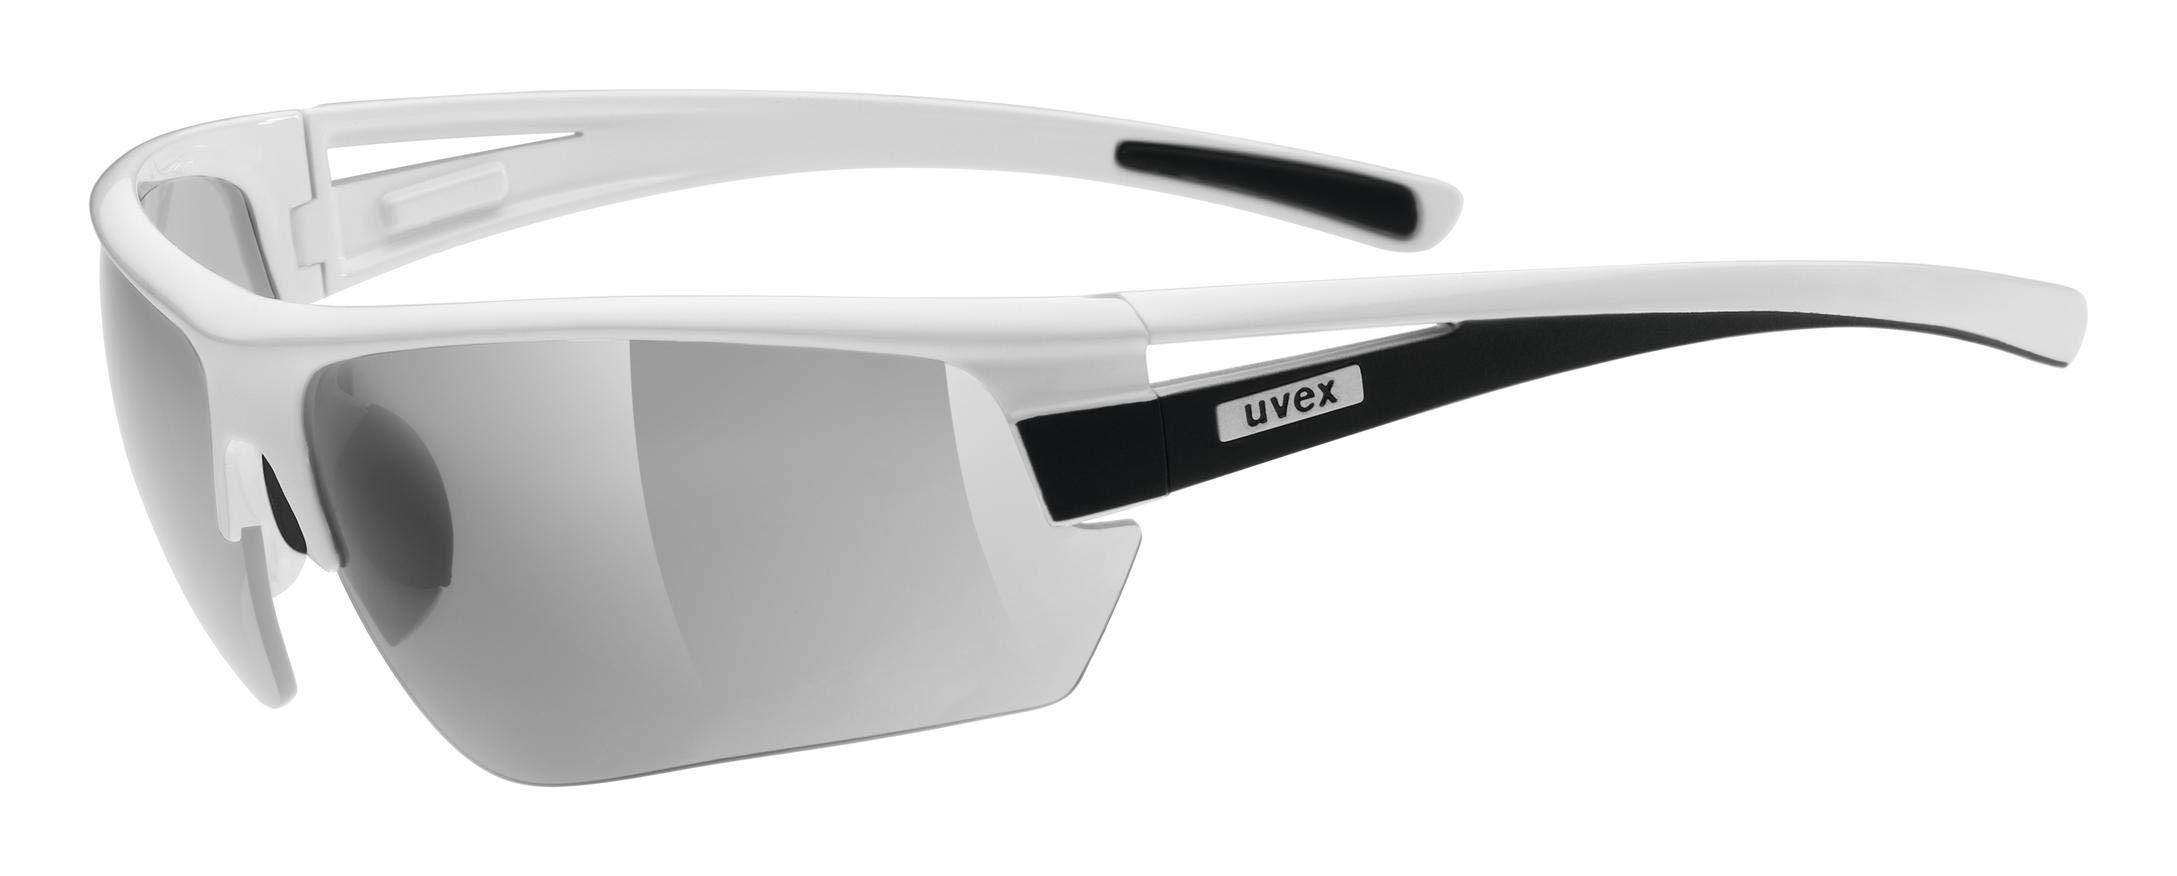 uvex Unisex– Erwachsene, gravic Sportbrille, inkl. Wechselscheiben, white bl